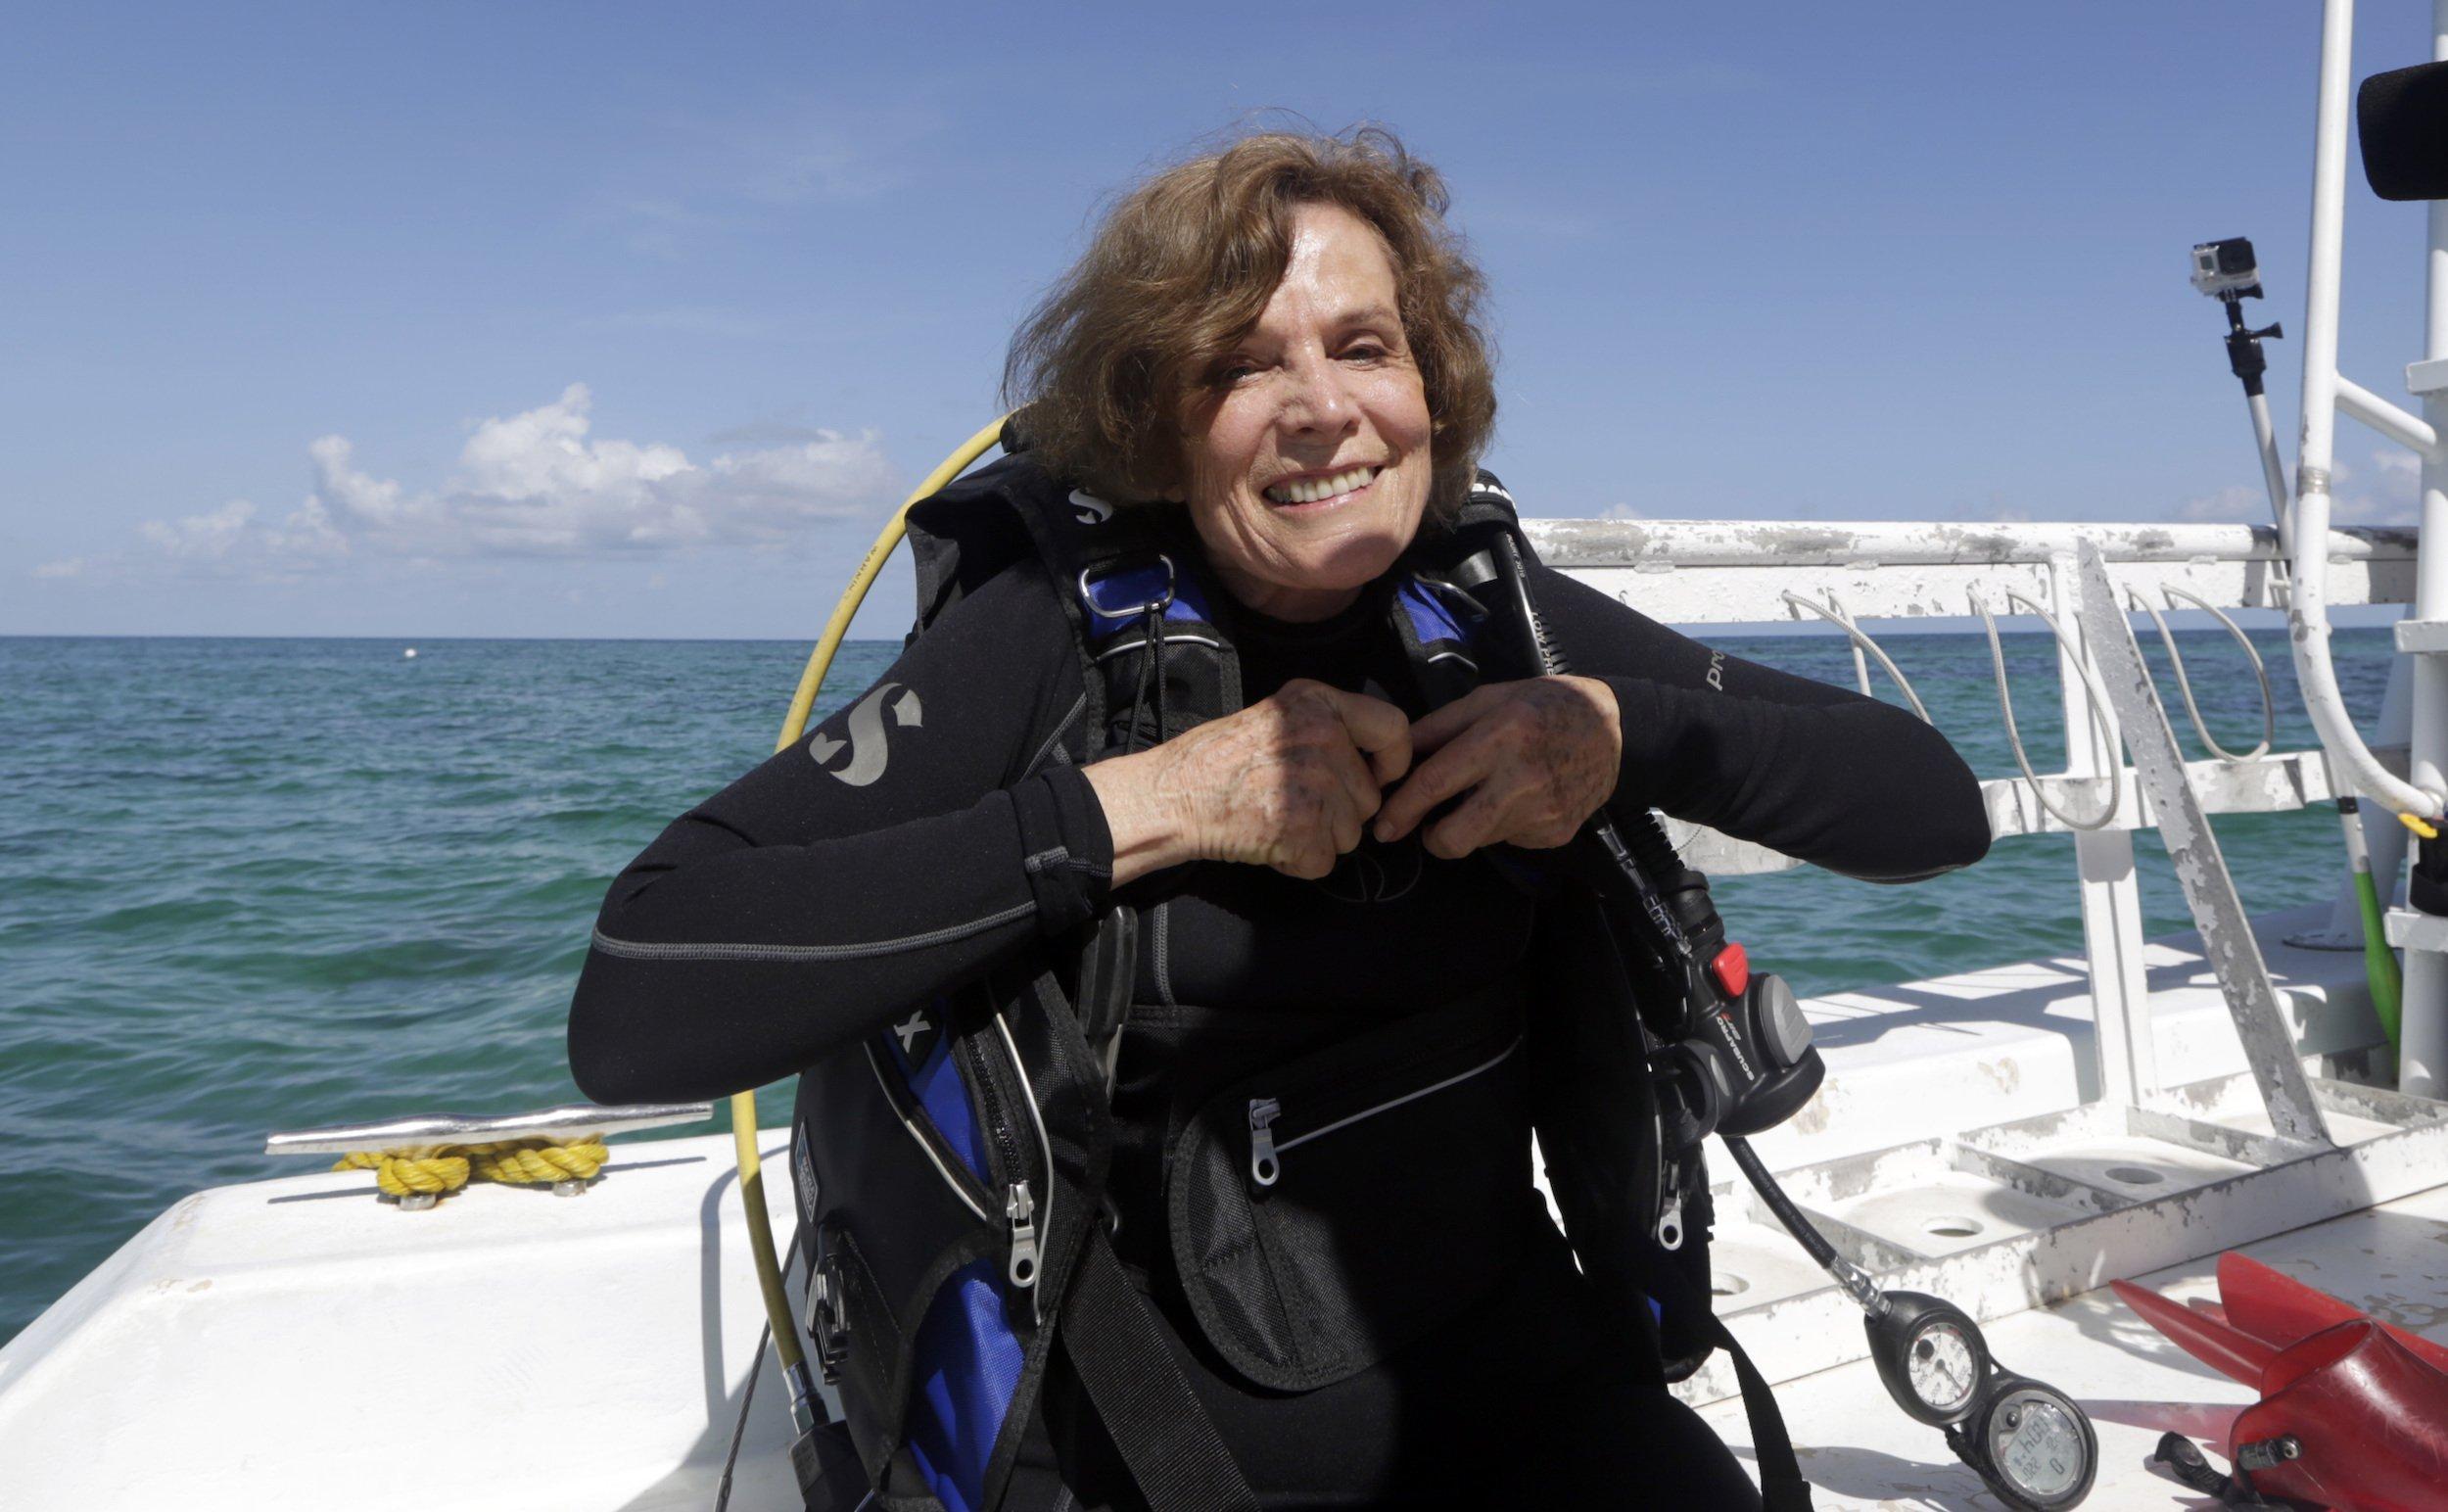 """Das Bild zeigt die legendäre Meeresbiologin Sylvia Earle im Tauchanzug im Wasser. Sie hat mit ihrer Organisation """"Mission Blue"""" das marine Schutzgebietsnetz der """"Hope Spots"""" initiiert"""